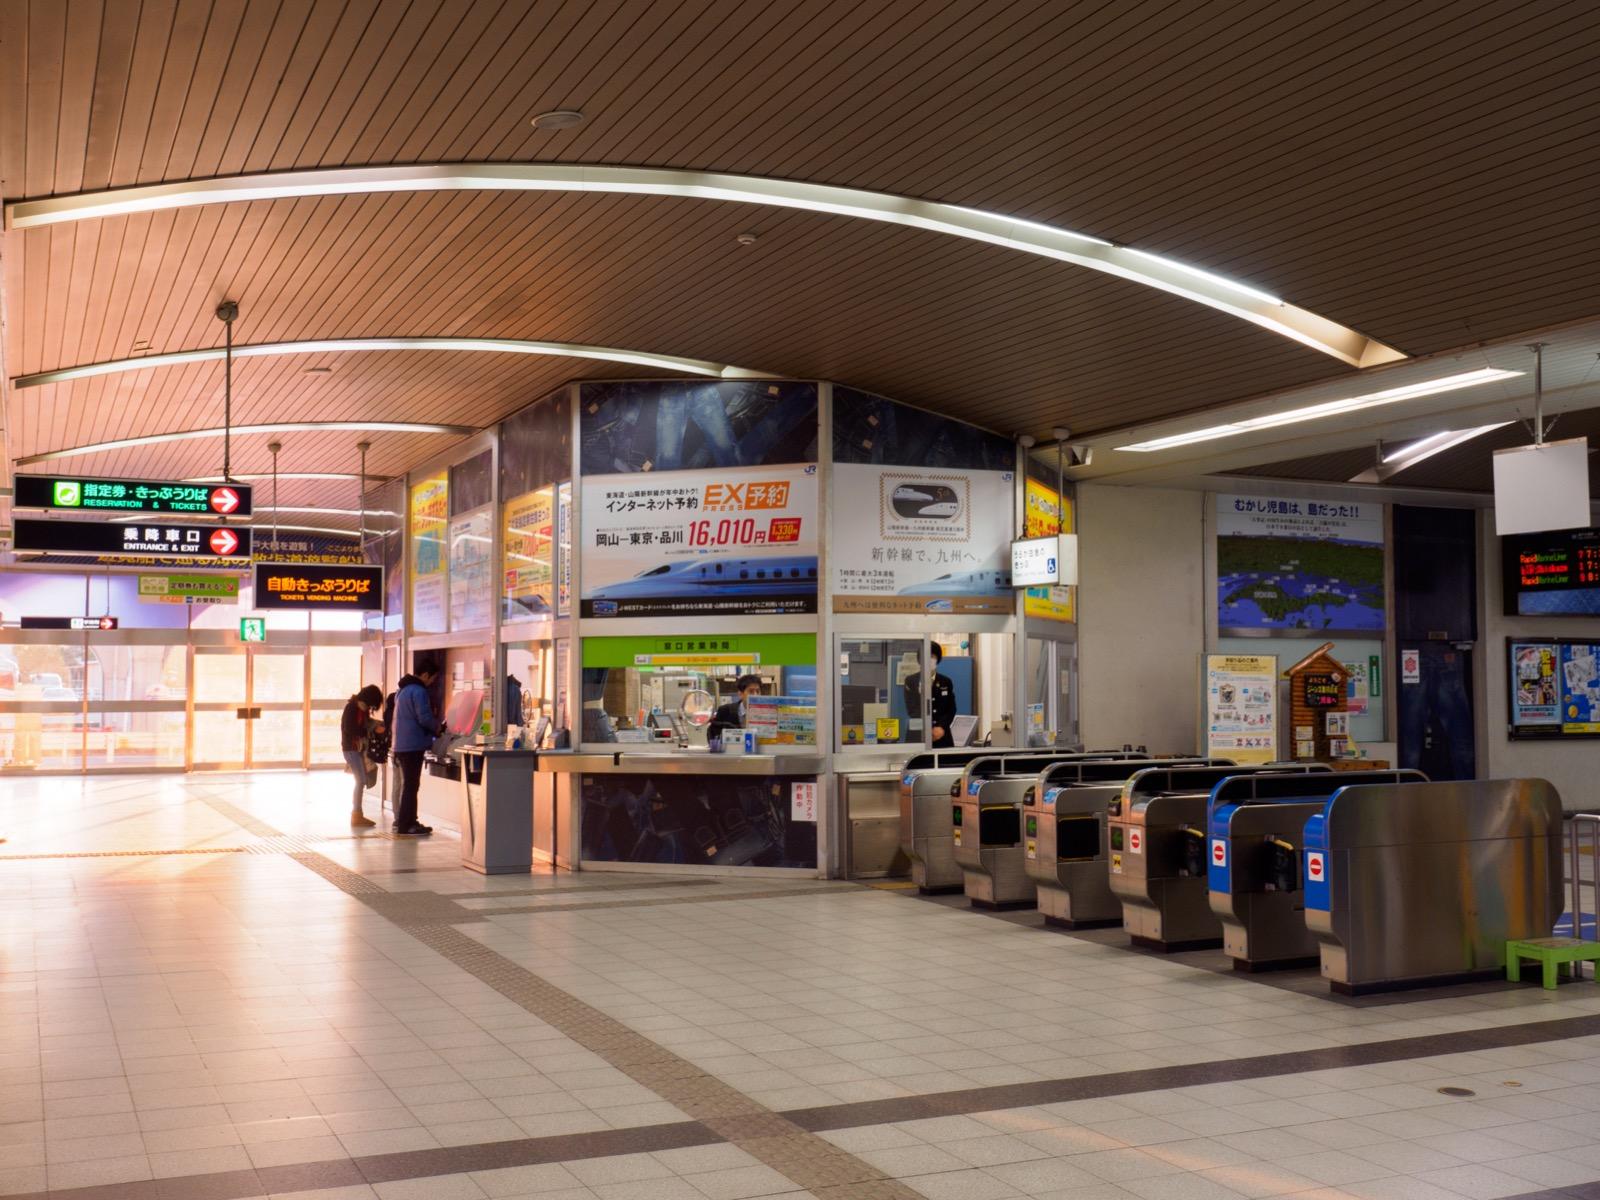 児島駅の改札口